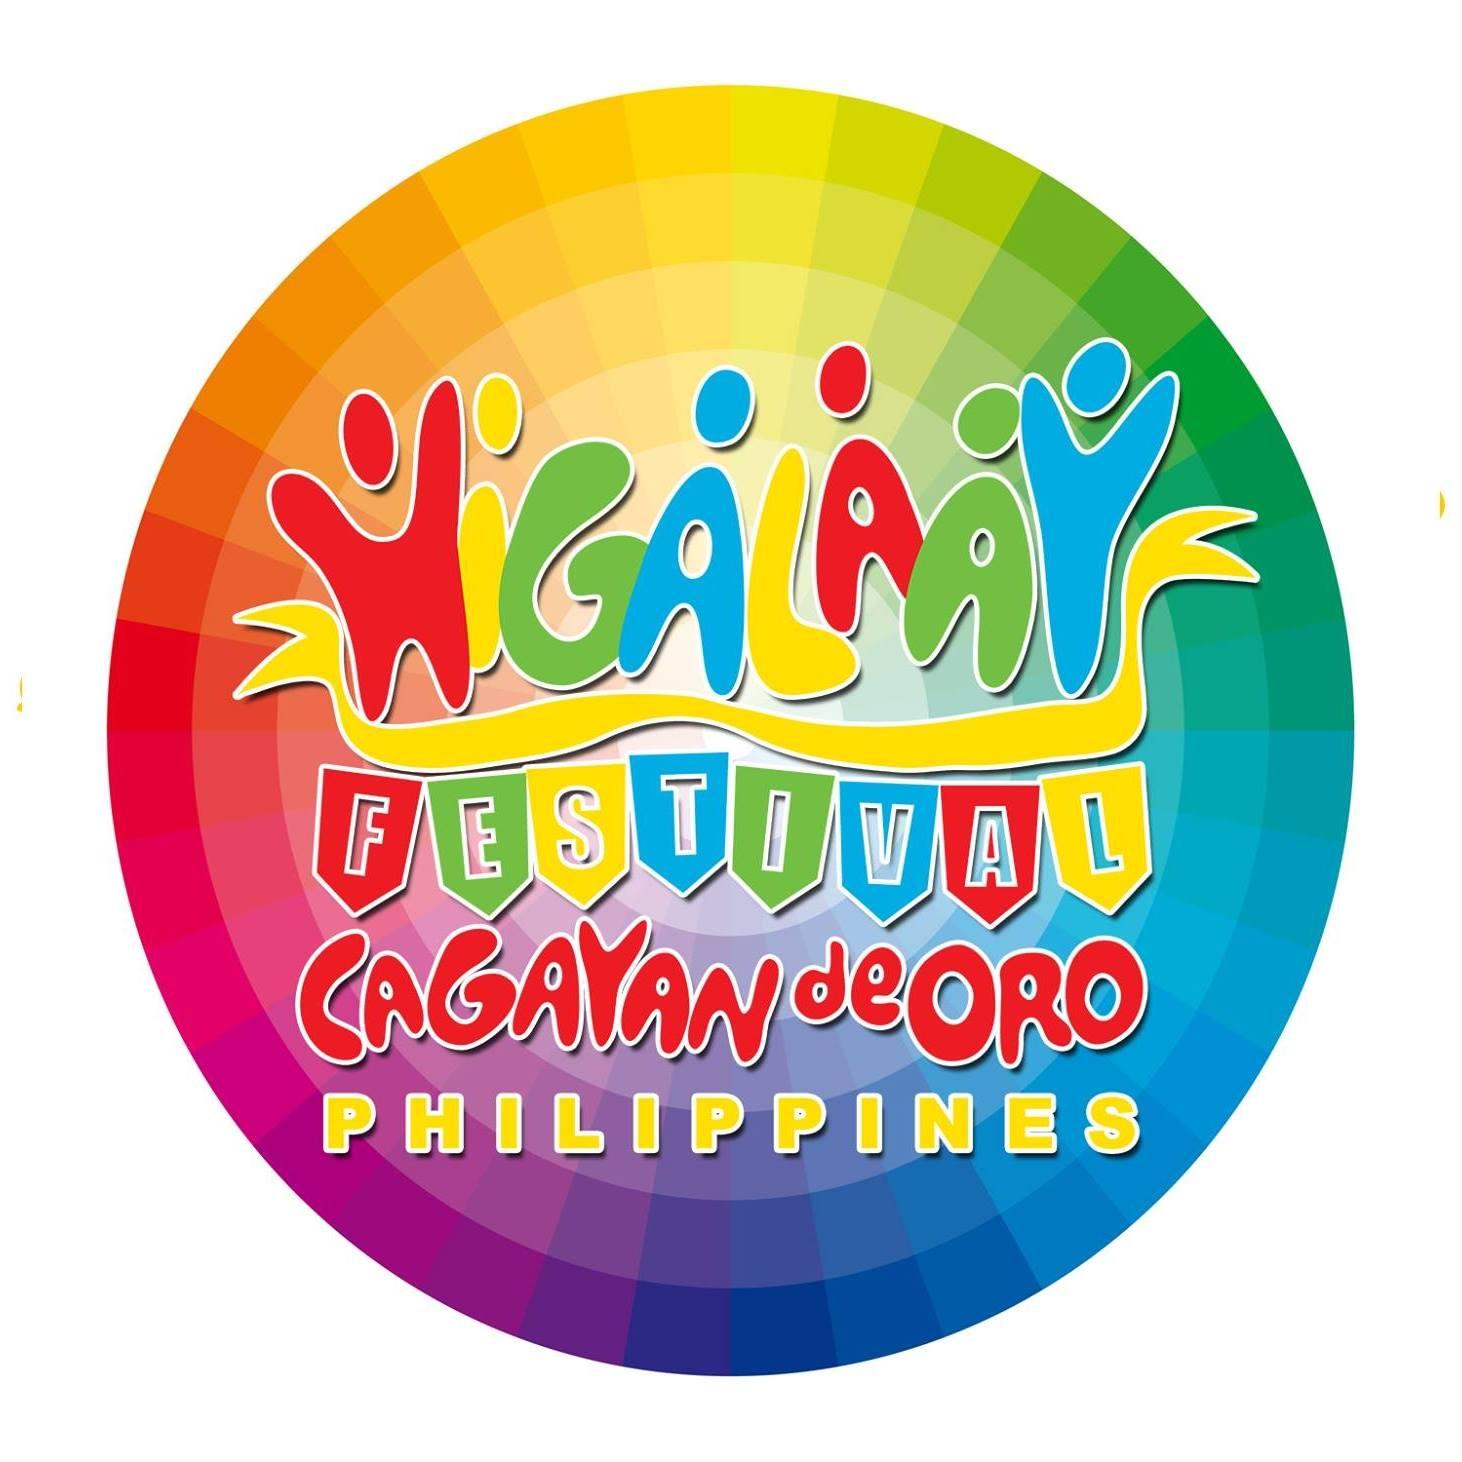 Higalaay Festival CDO fiesta 2018 schedule of activities